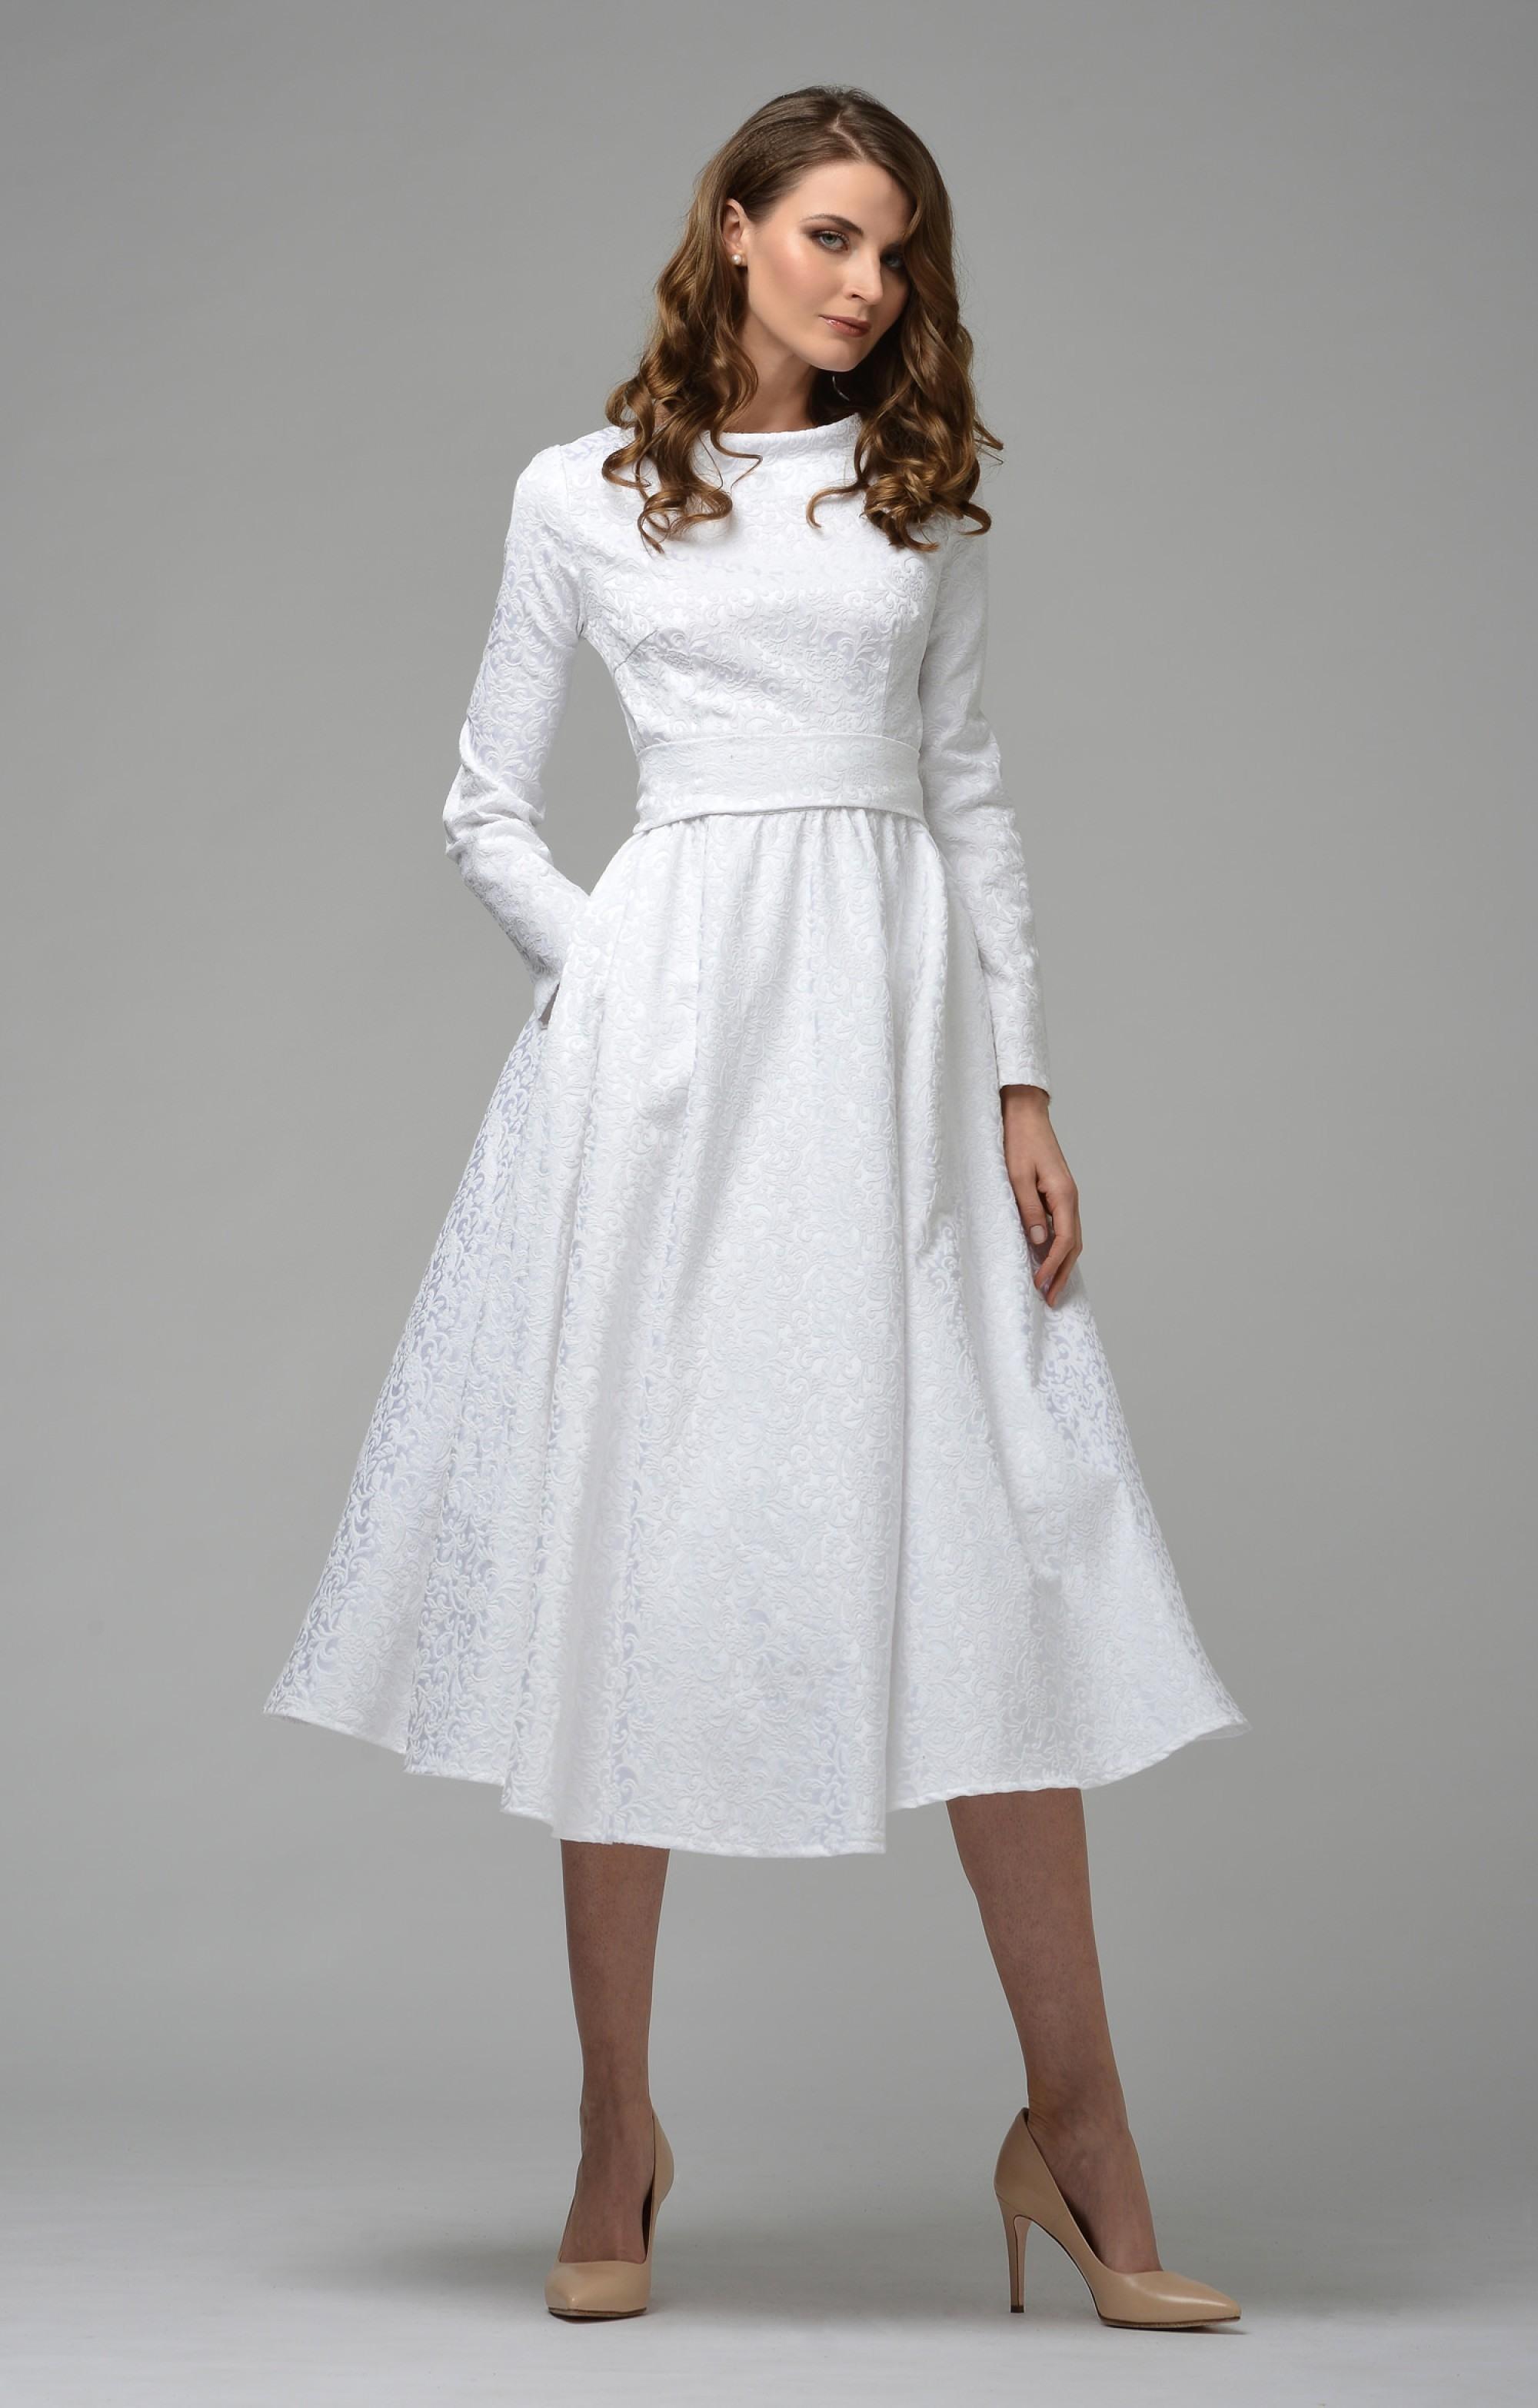 20 Schön Strandkleid Weiß Hochzeit Galerie10 Erstaunlich Strandkleid Weiß Hochzeit Ärmel